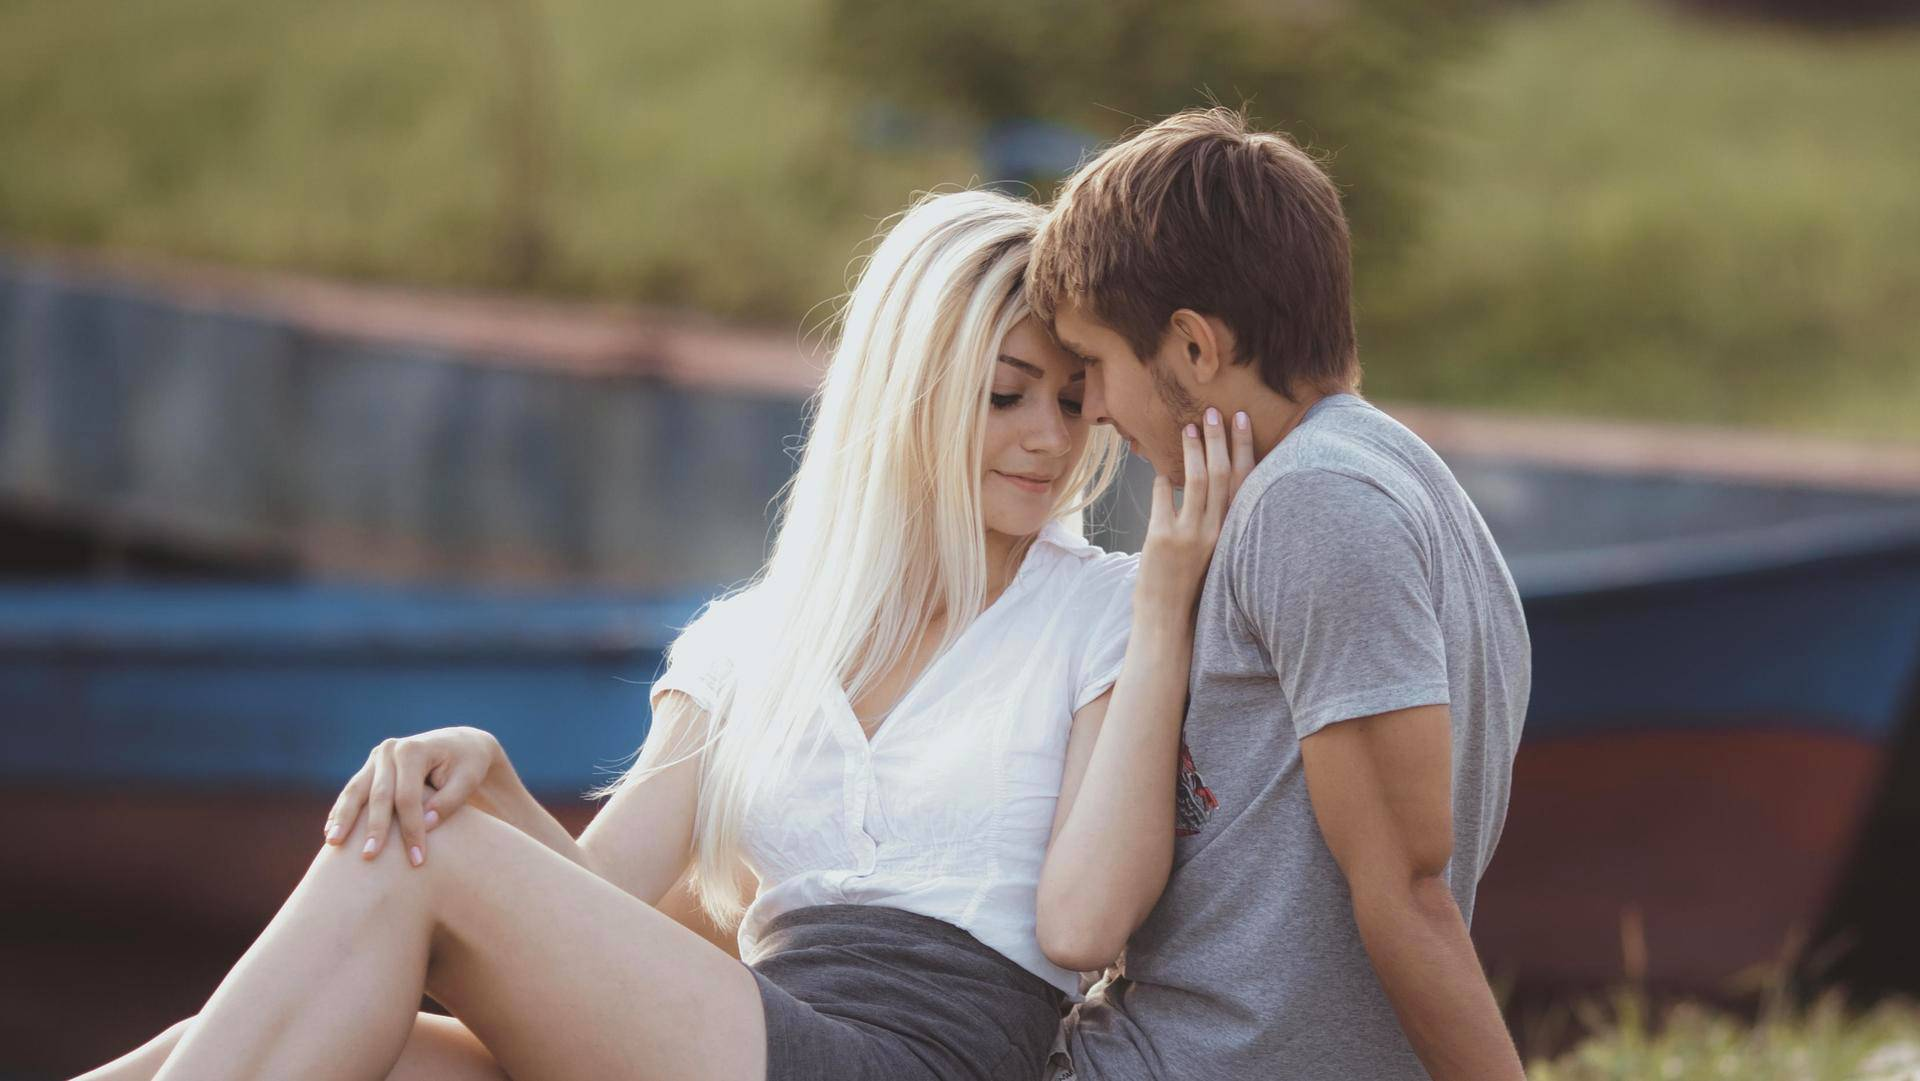 Paras dating site Islanti